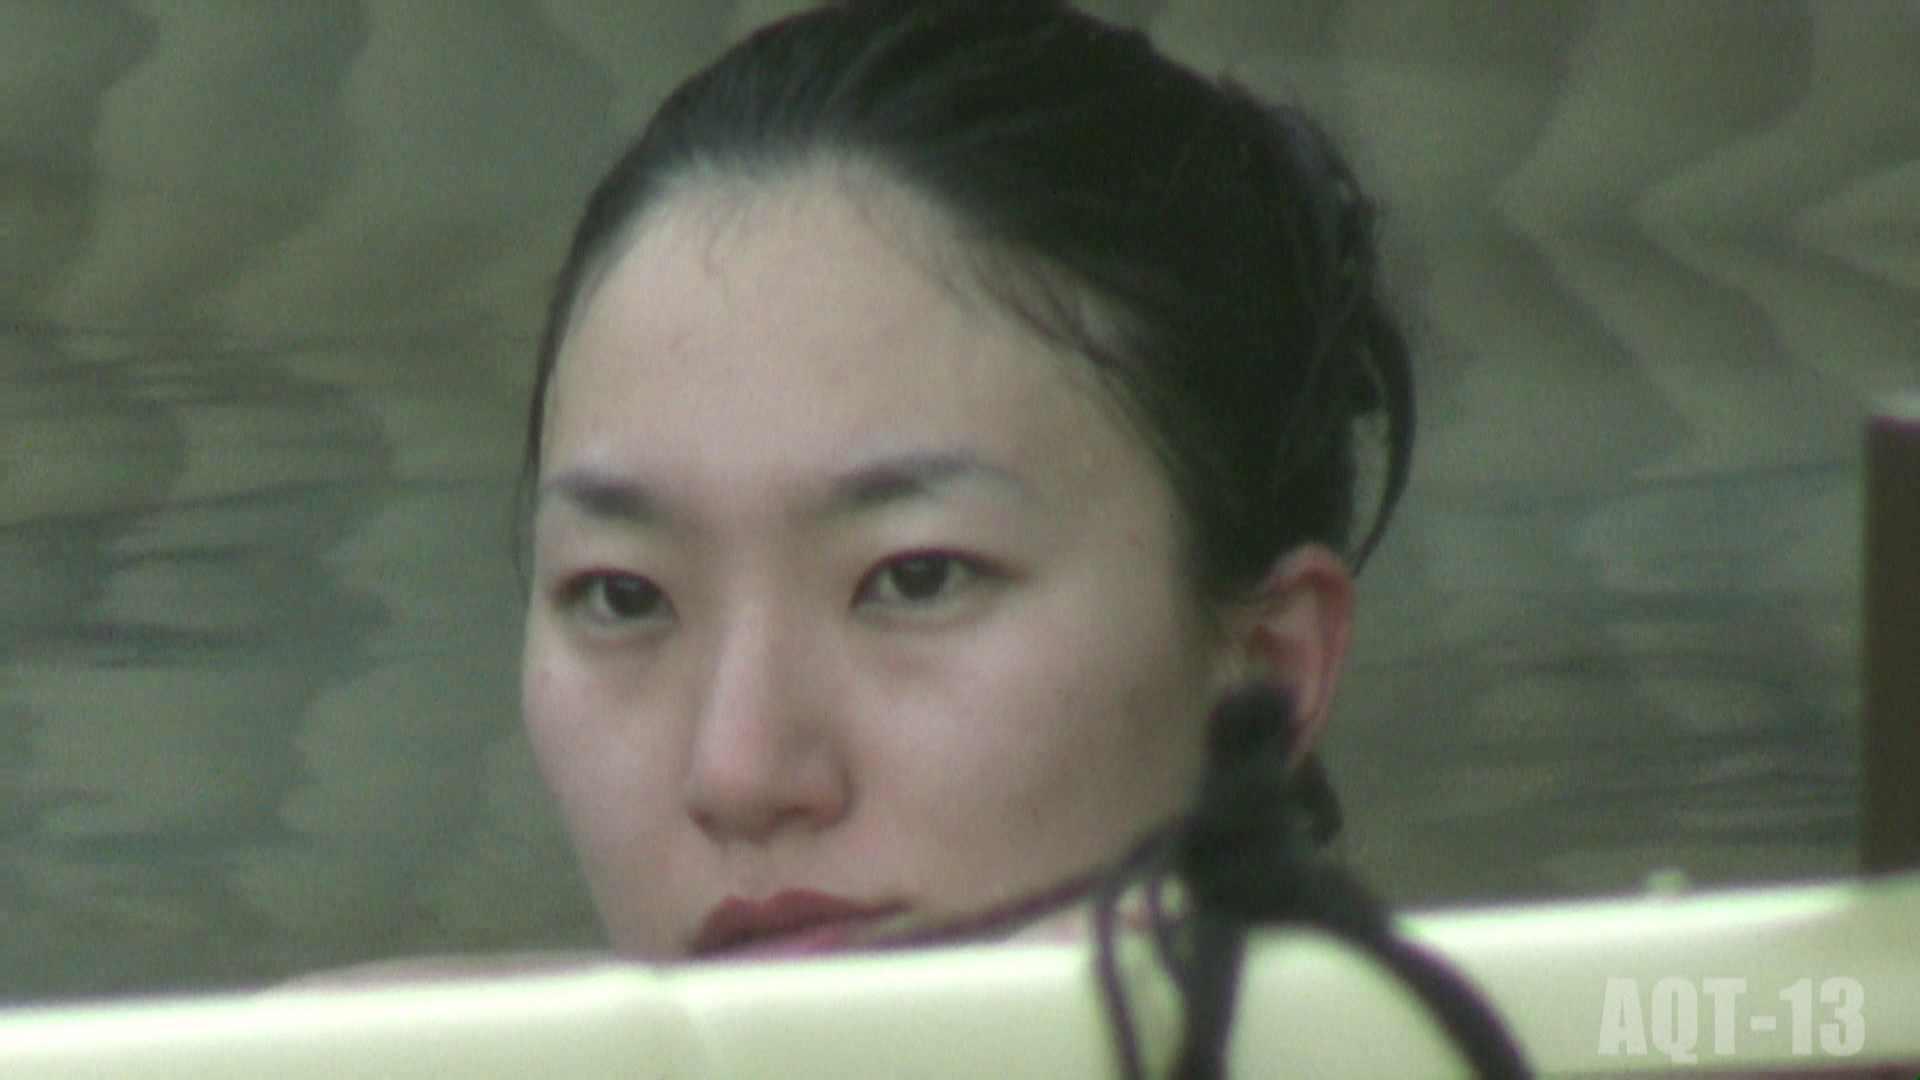 Aquaな露天風呂Vol.818 盗撮 オメコ動画キャプチャ 88画像 62